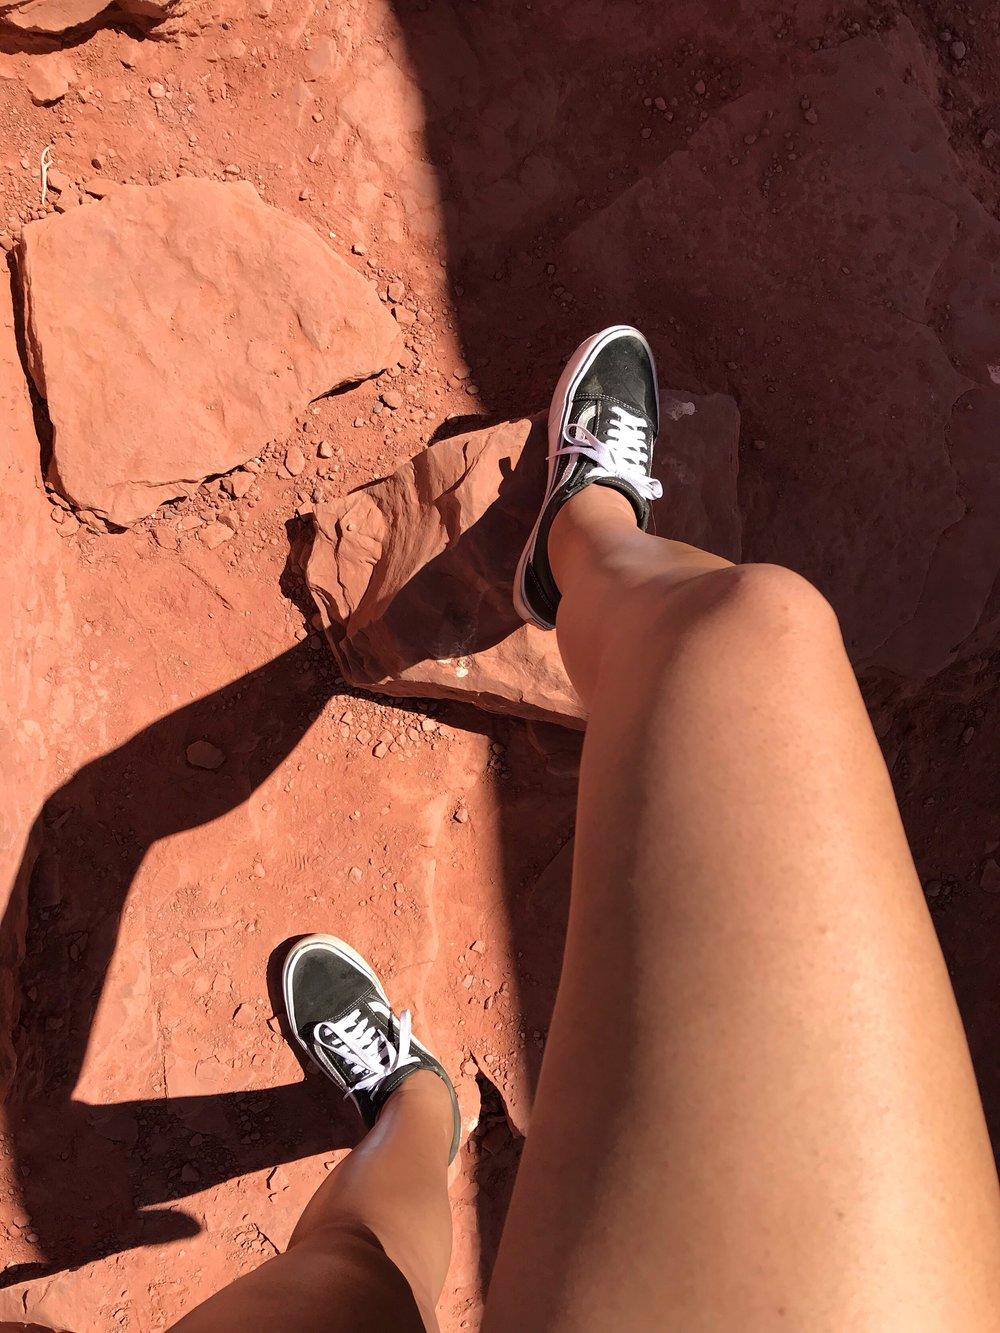 Grand Canyon - sabineforever.com 5.JPG